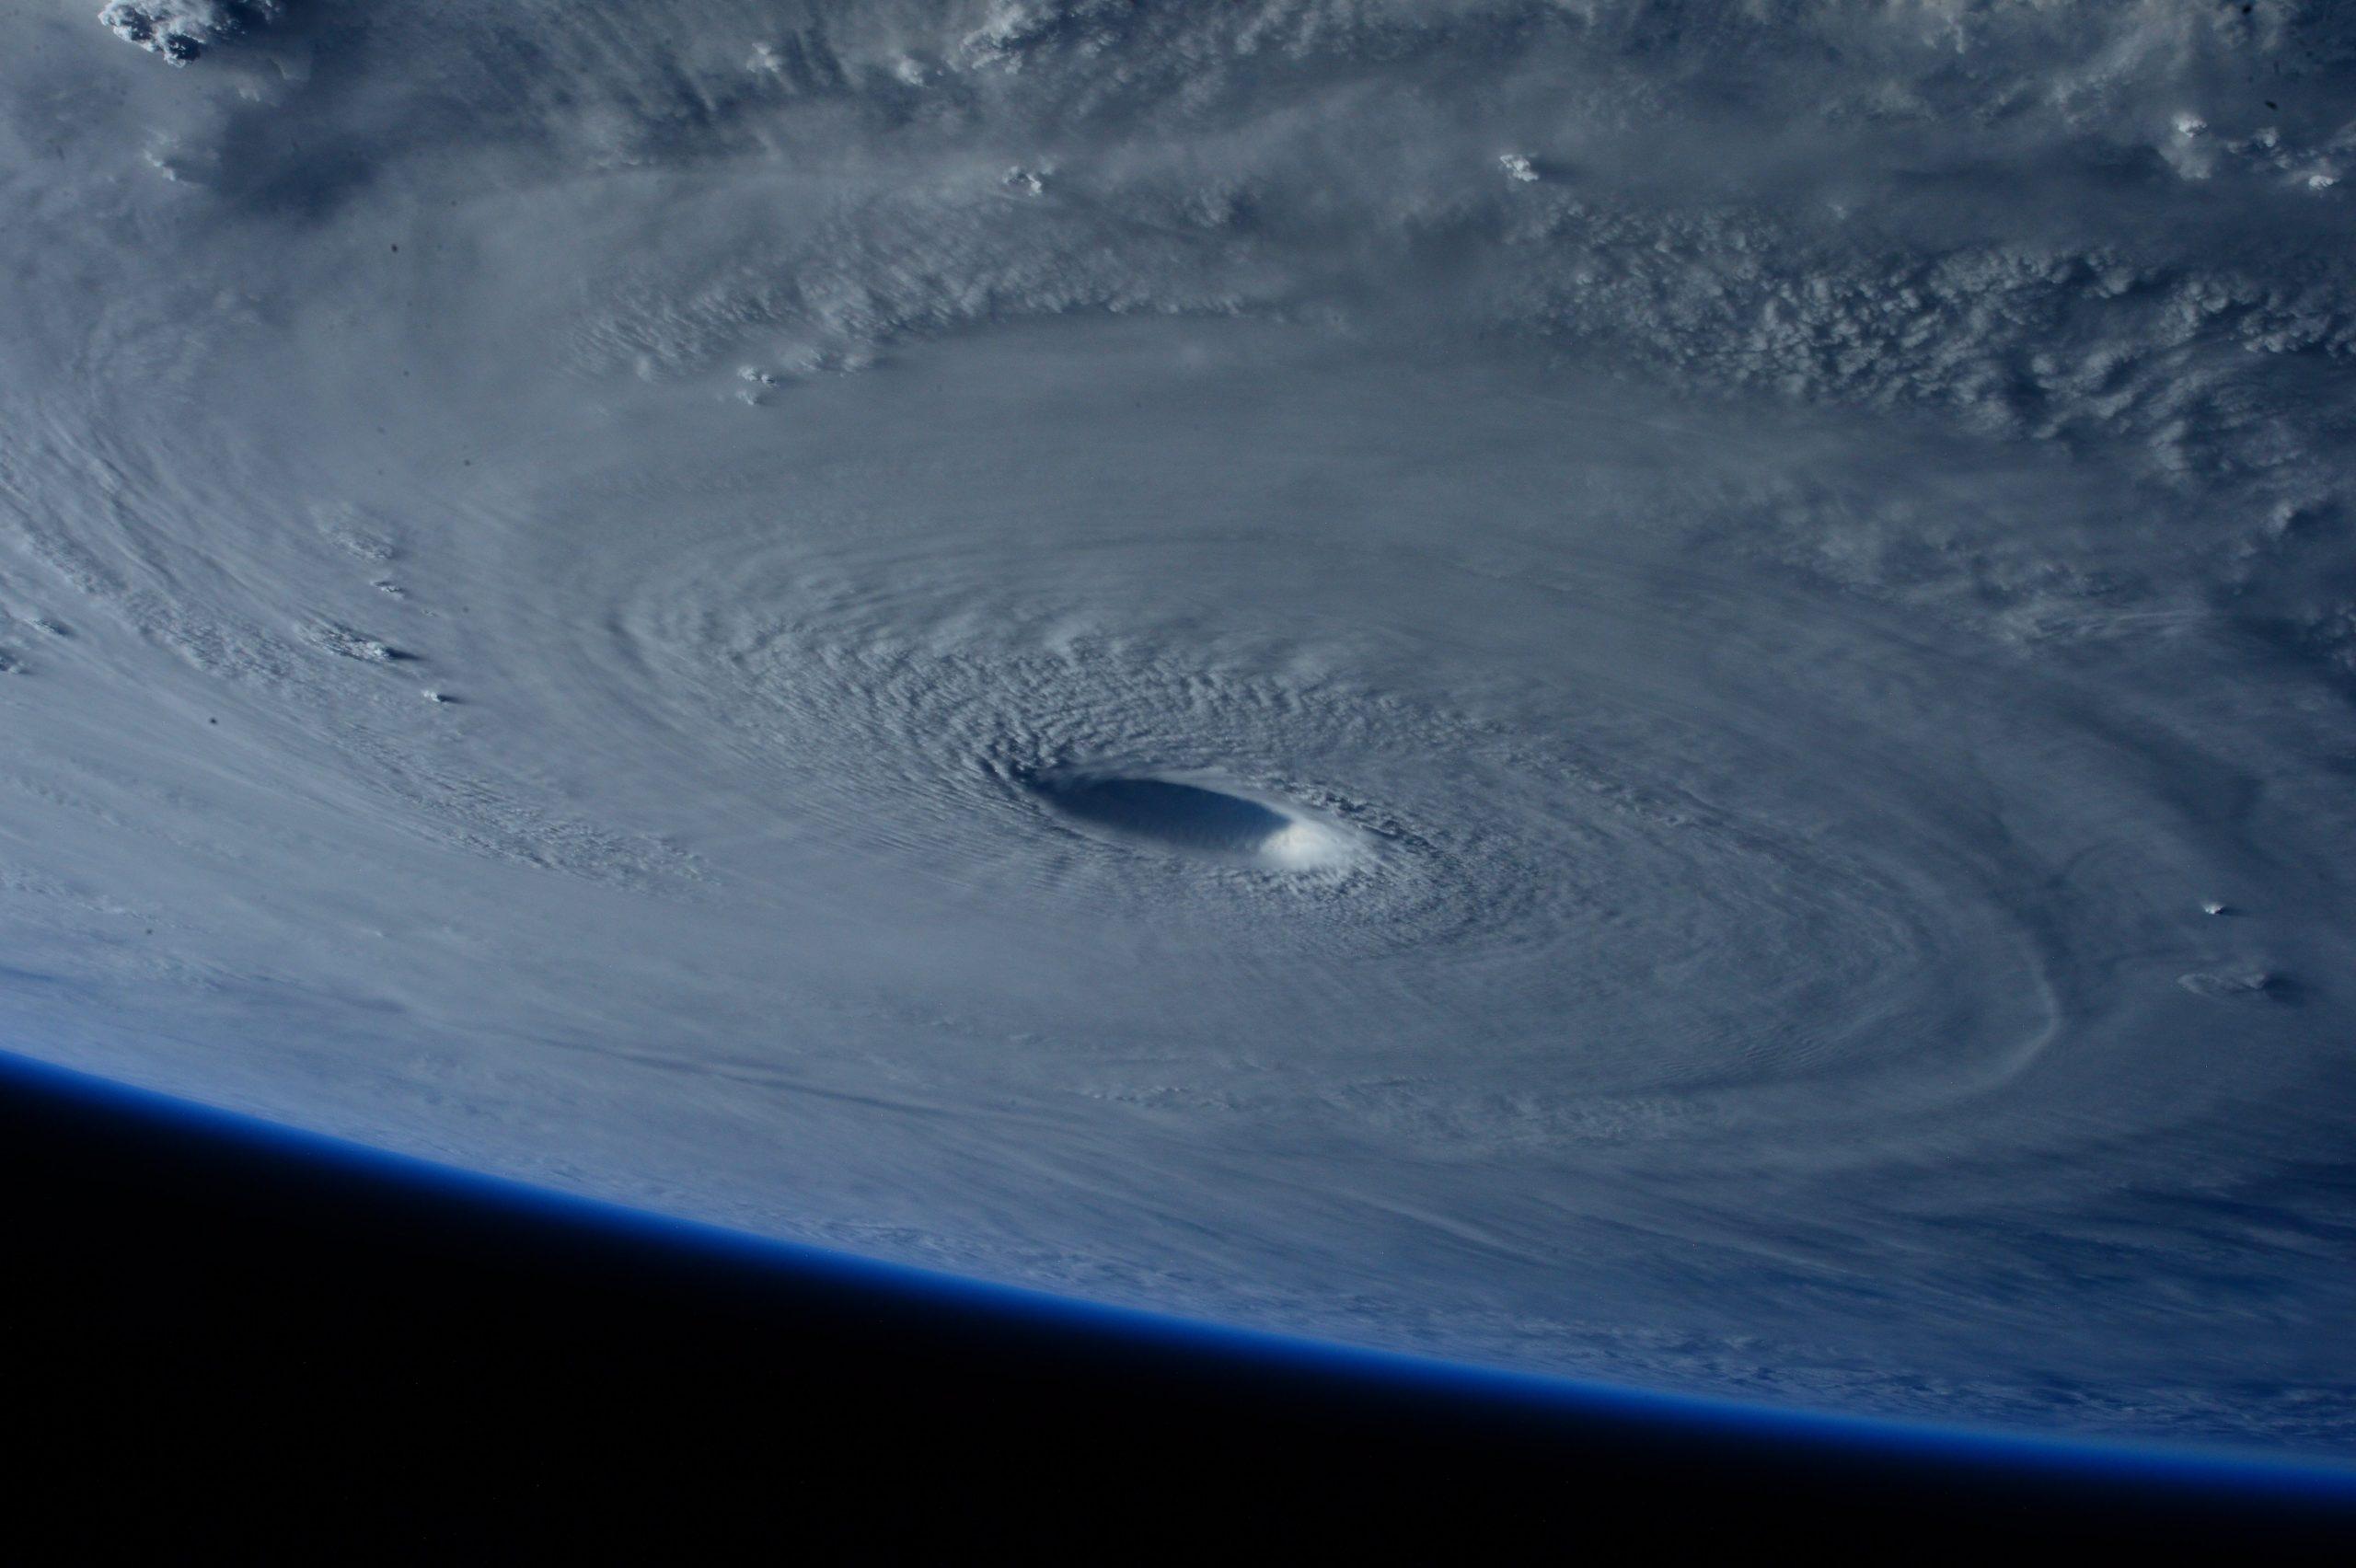 Hurricane Hzhv Certification